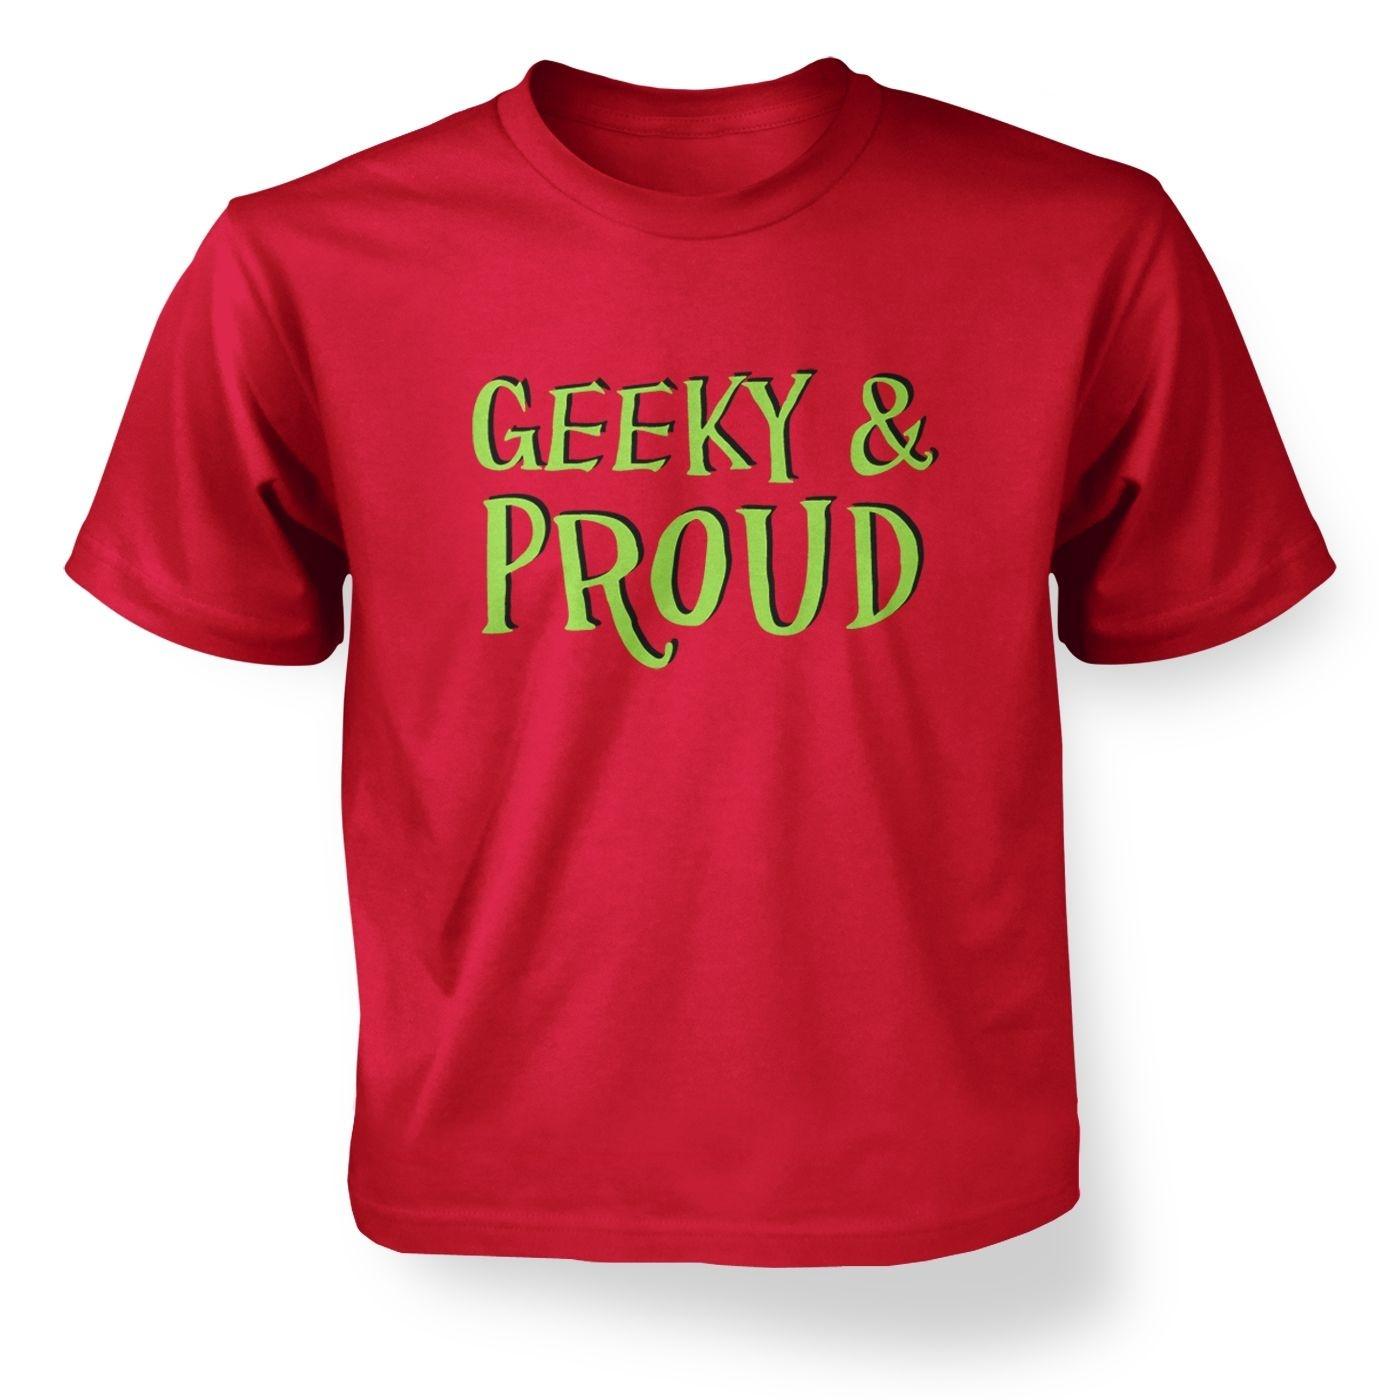 Kids Geeky & Proud T-Shirt